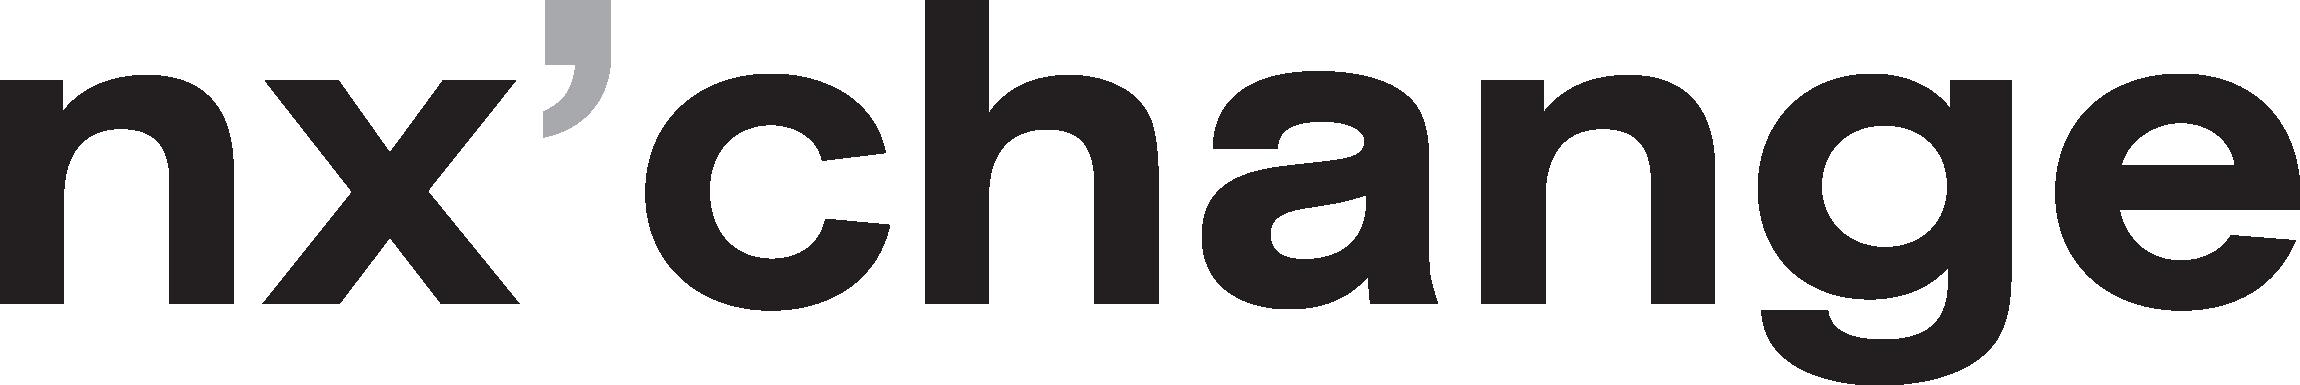 Nxchange logo2 rgb transparent %282%29